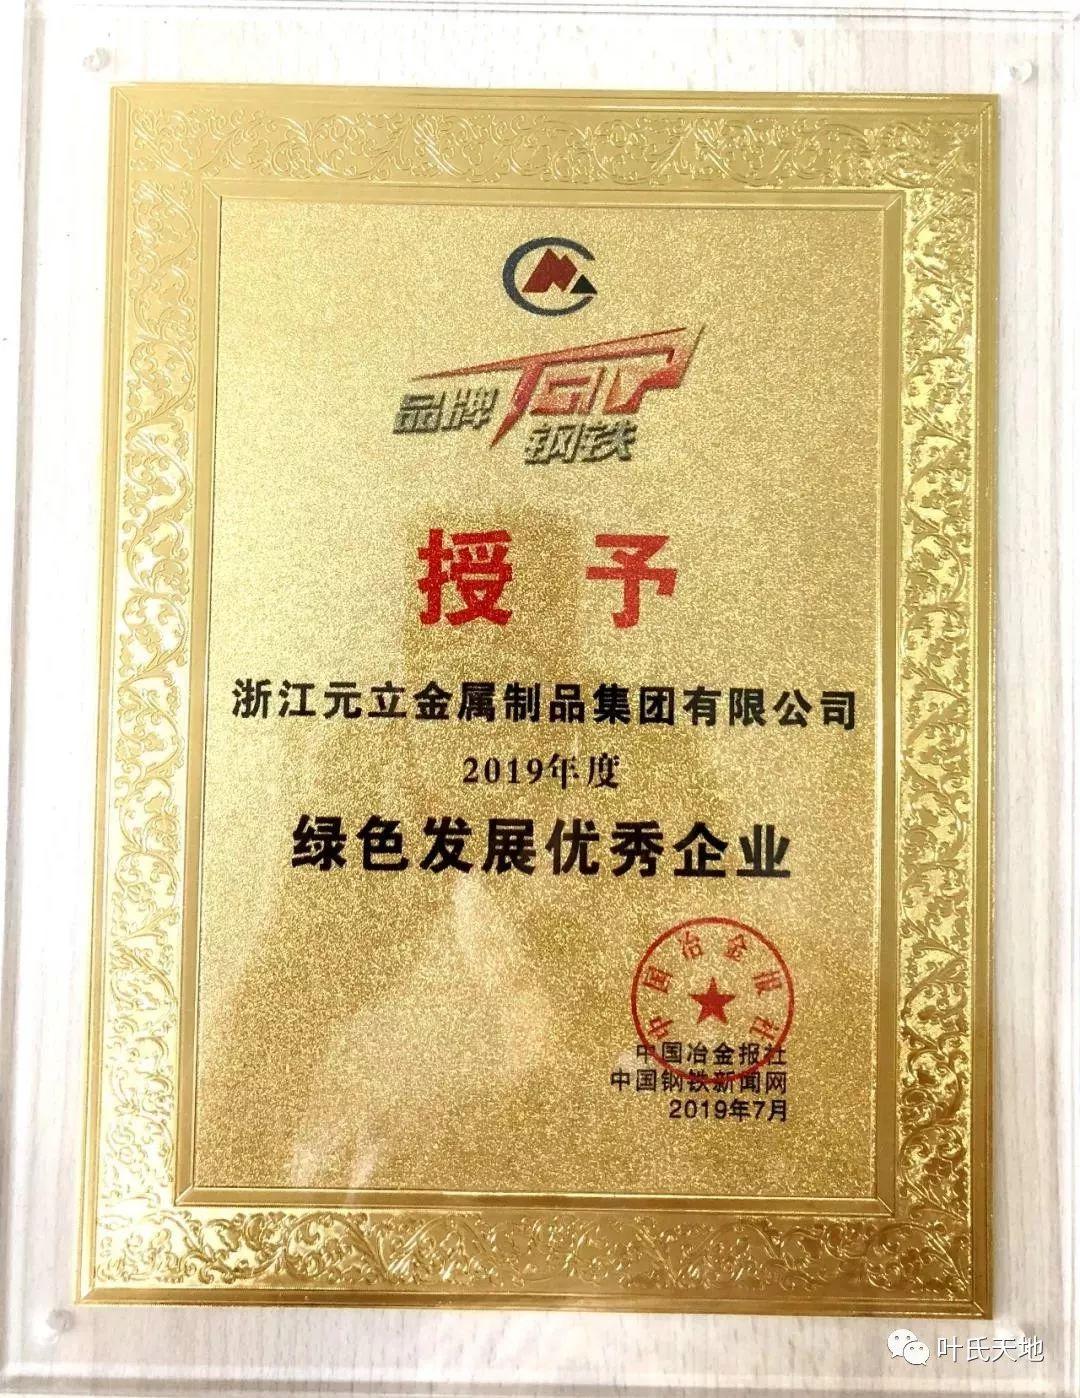 浙江叶新华捐3000万元抗击疫情!_元立图片